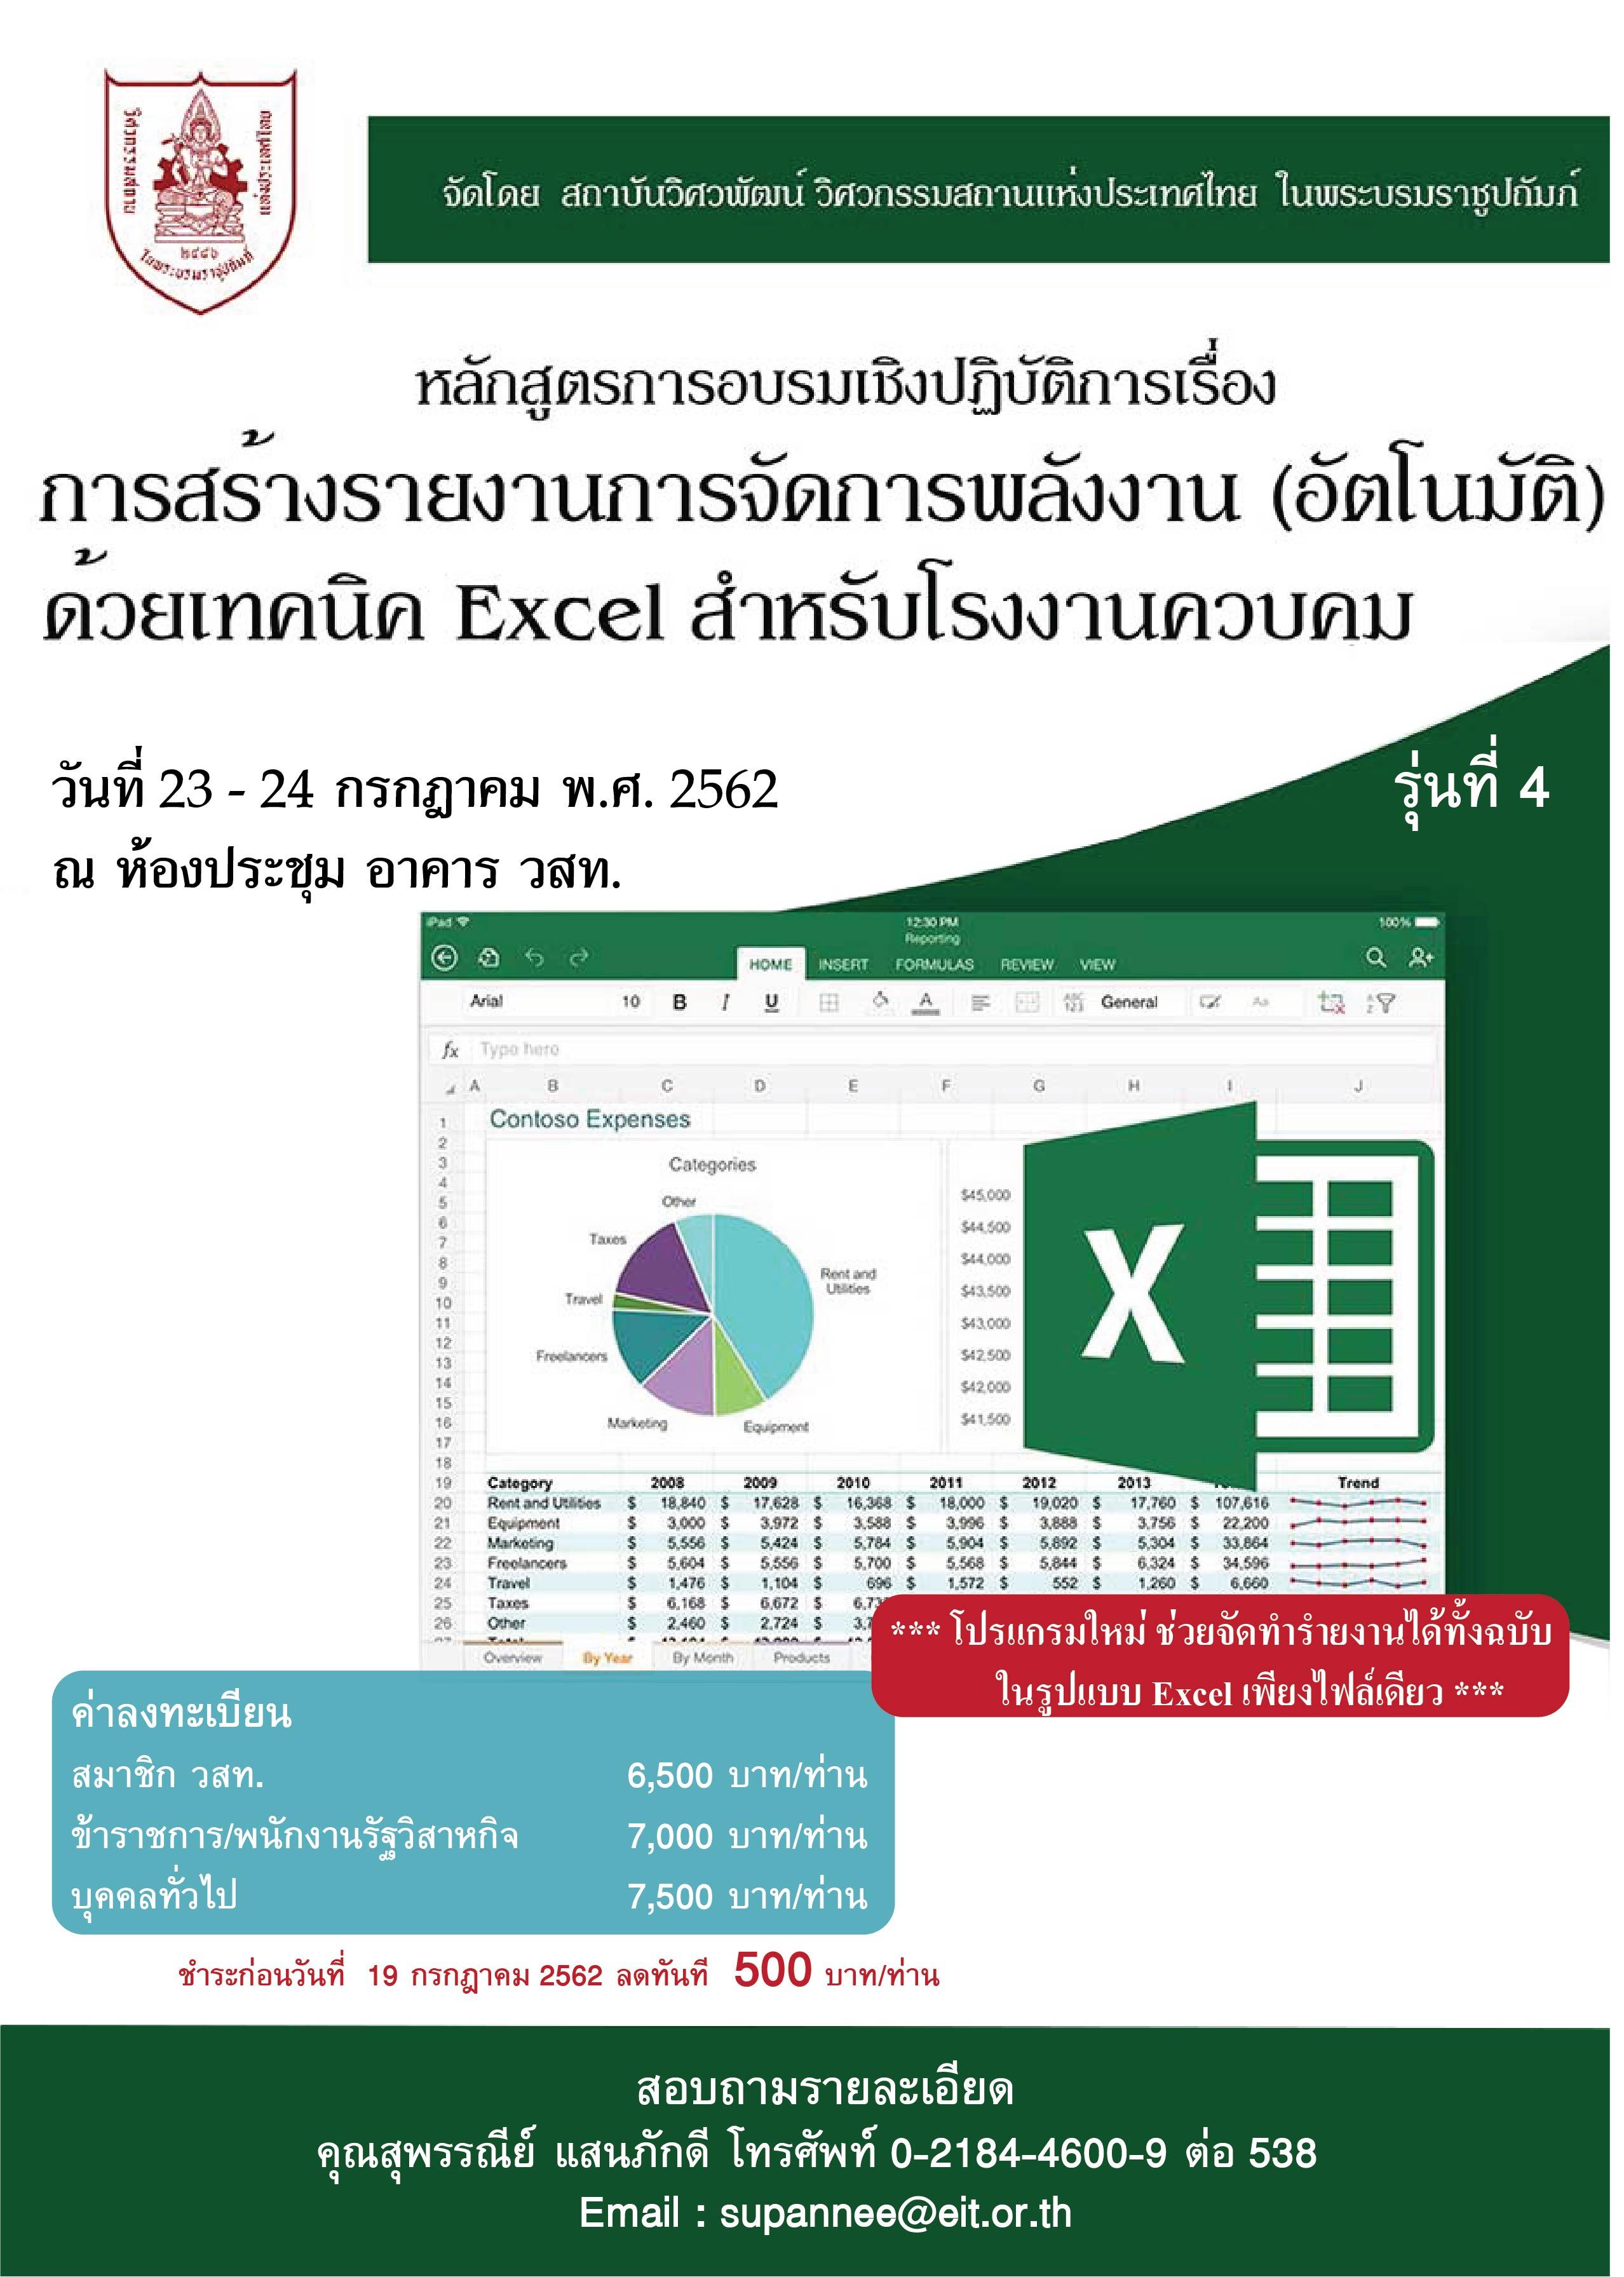 23-24/07/2562 การอบรมเชิงปฏิบัติการเรื่อง การสร้างรายงานการจัดการพลังงาน (อัตโนมัติ) ด้วยเทคนิค Excel สำหรับโรงงานควบคุม  รุ่นที่ 4